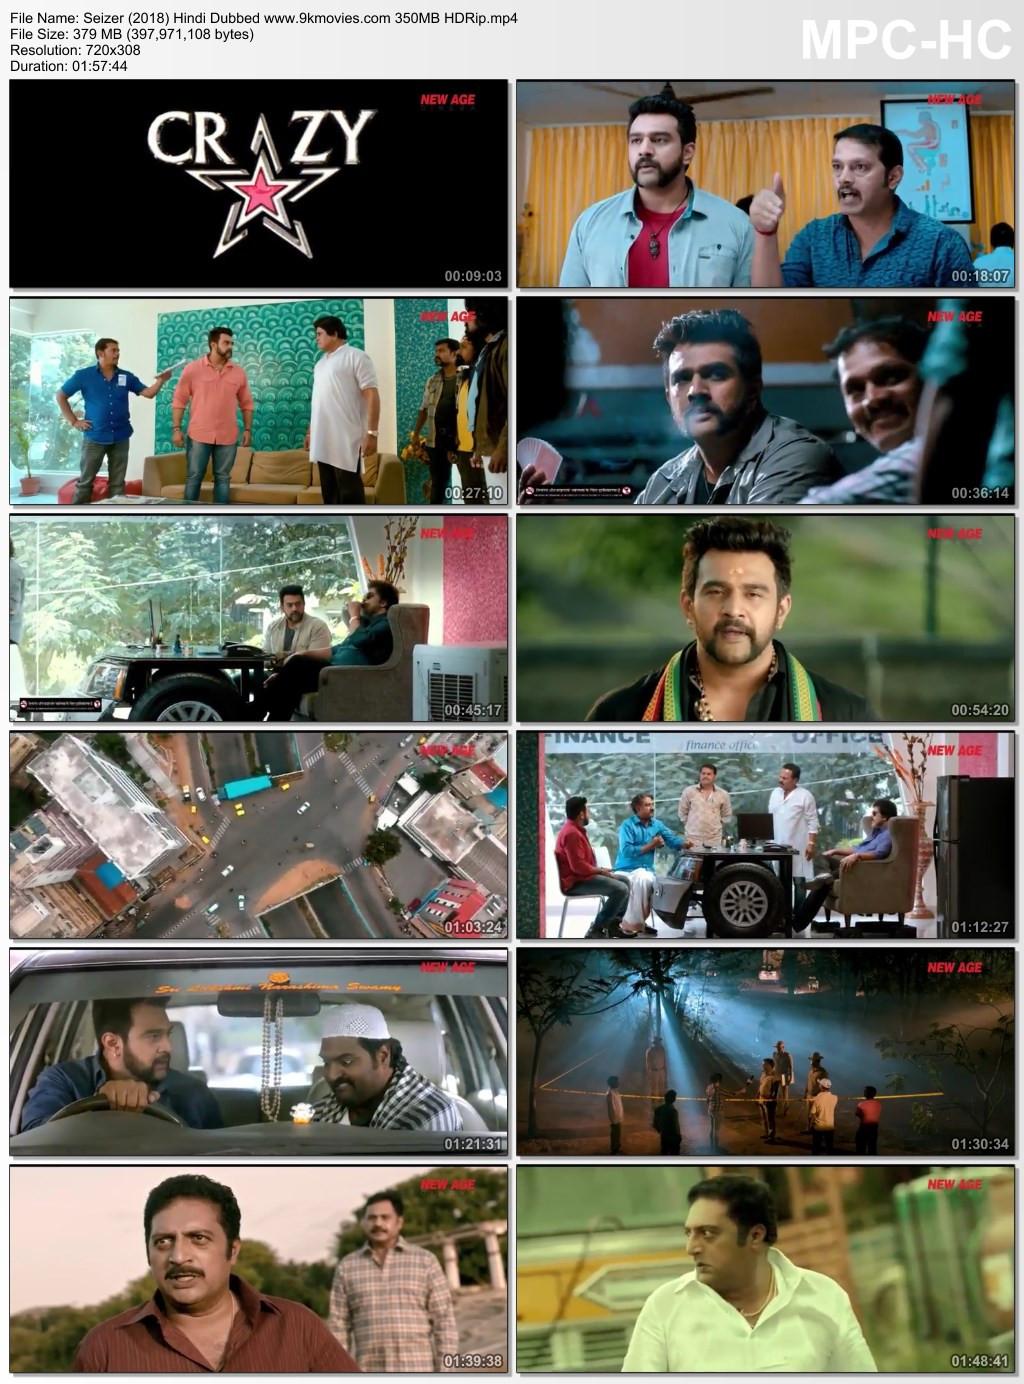 Seizer 2018 Hindi Dubbed Movie download Free HD watch online